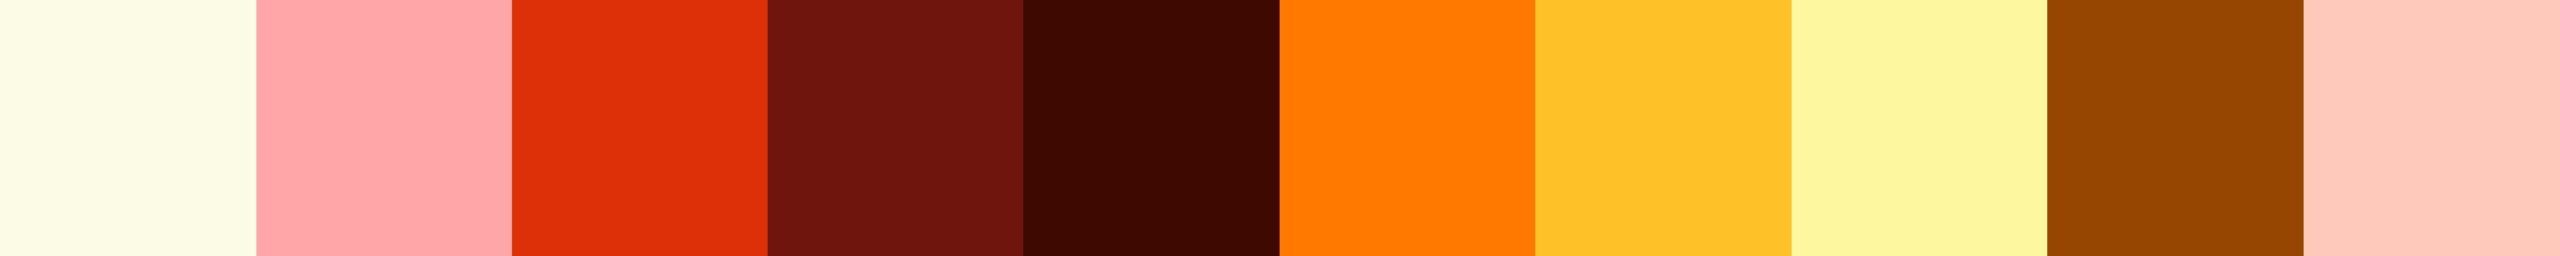 229 Pralmeria Color Palette